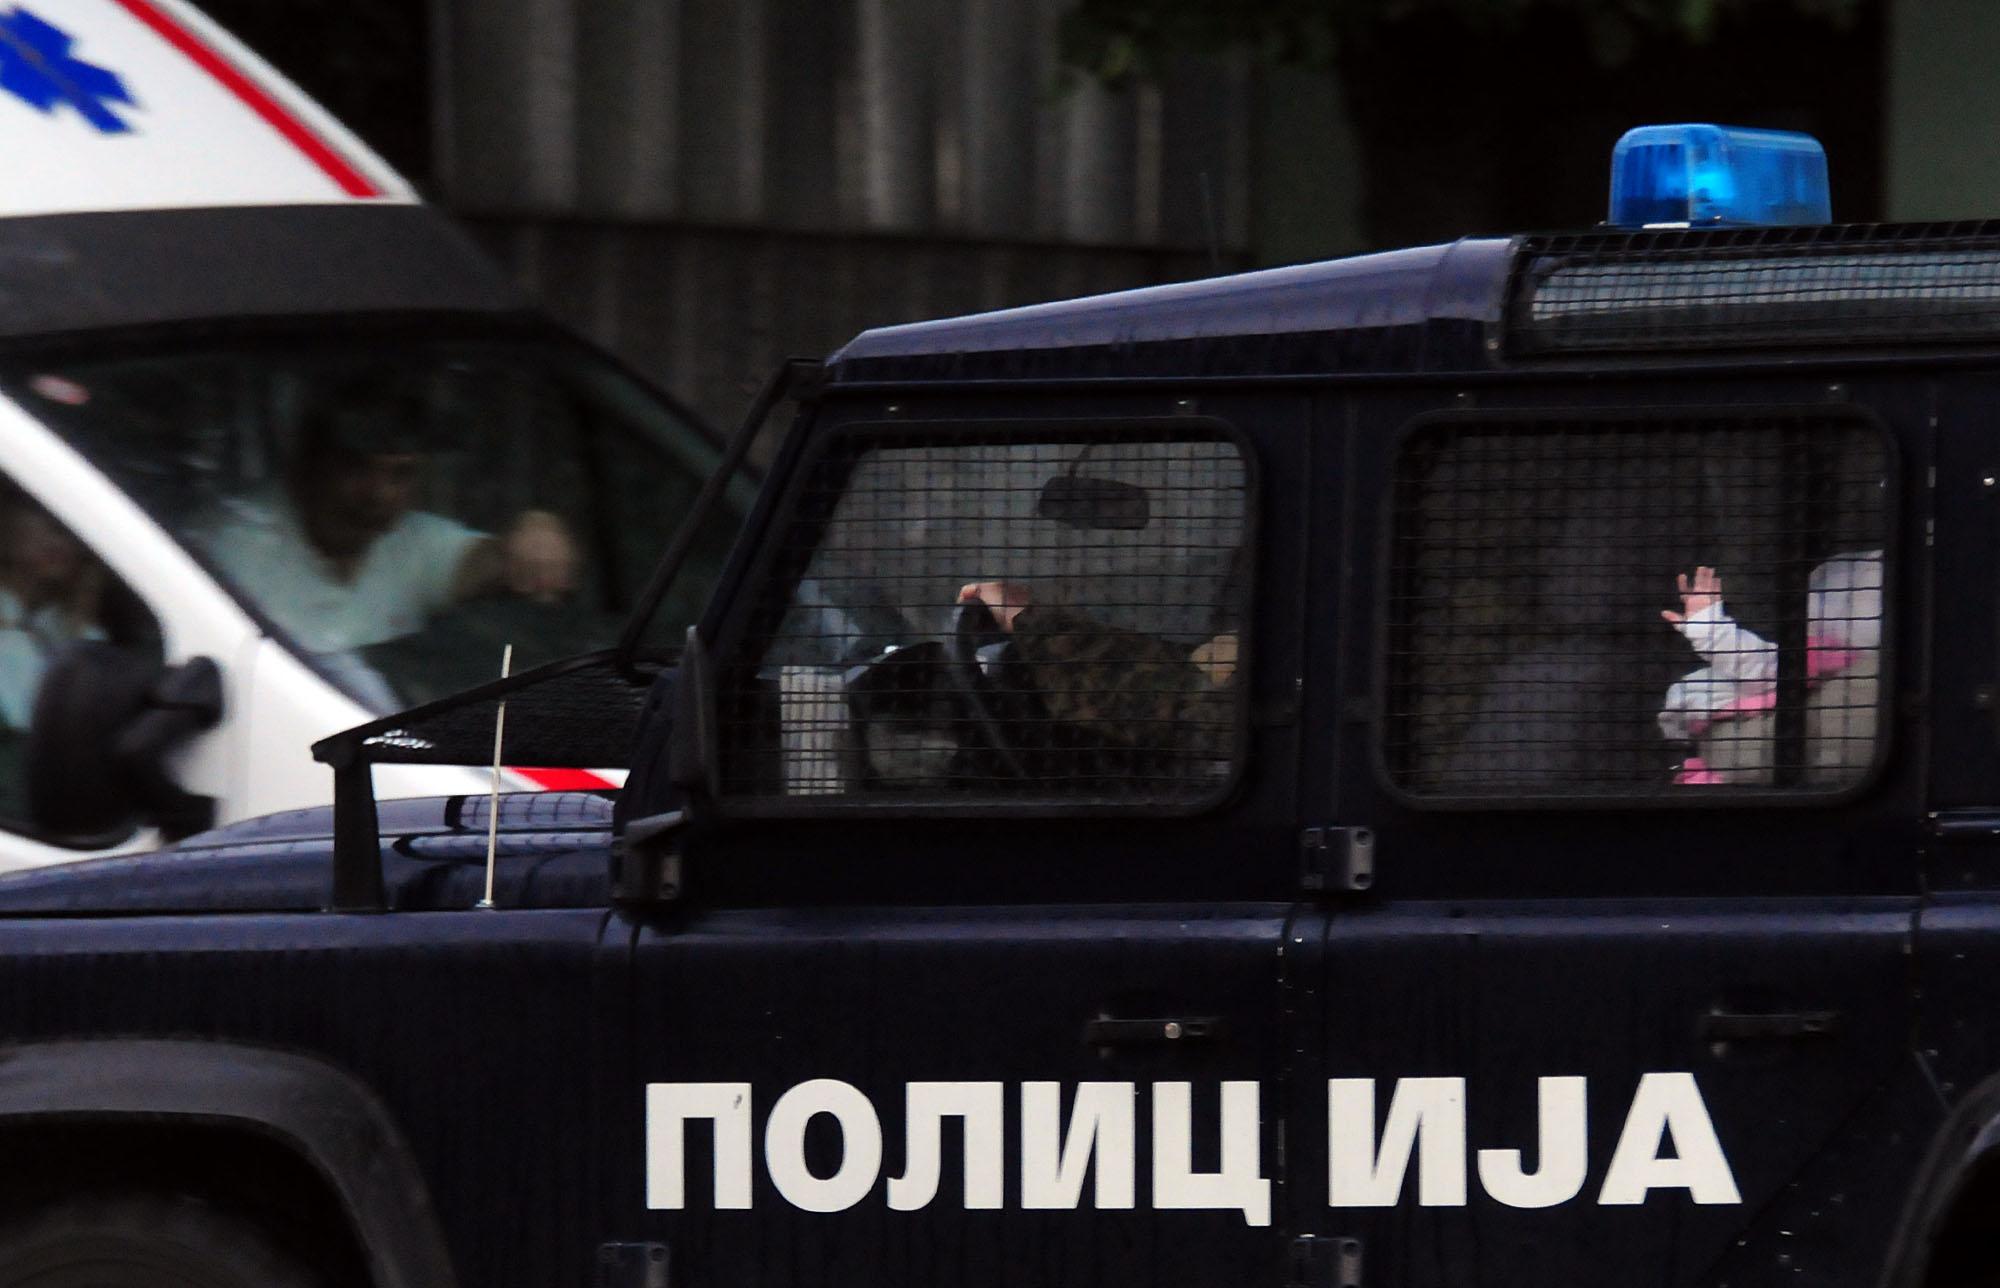 Сочувство од Полицискиот синдикат за загинатите колеги